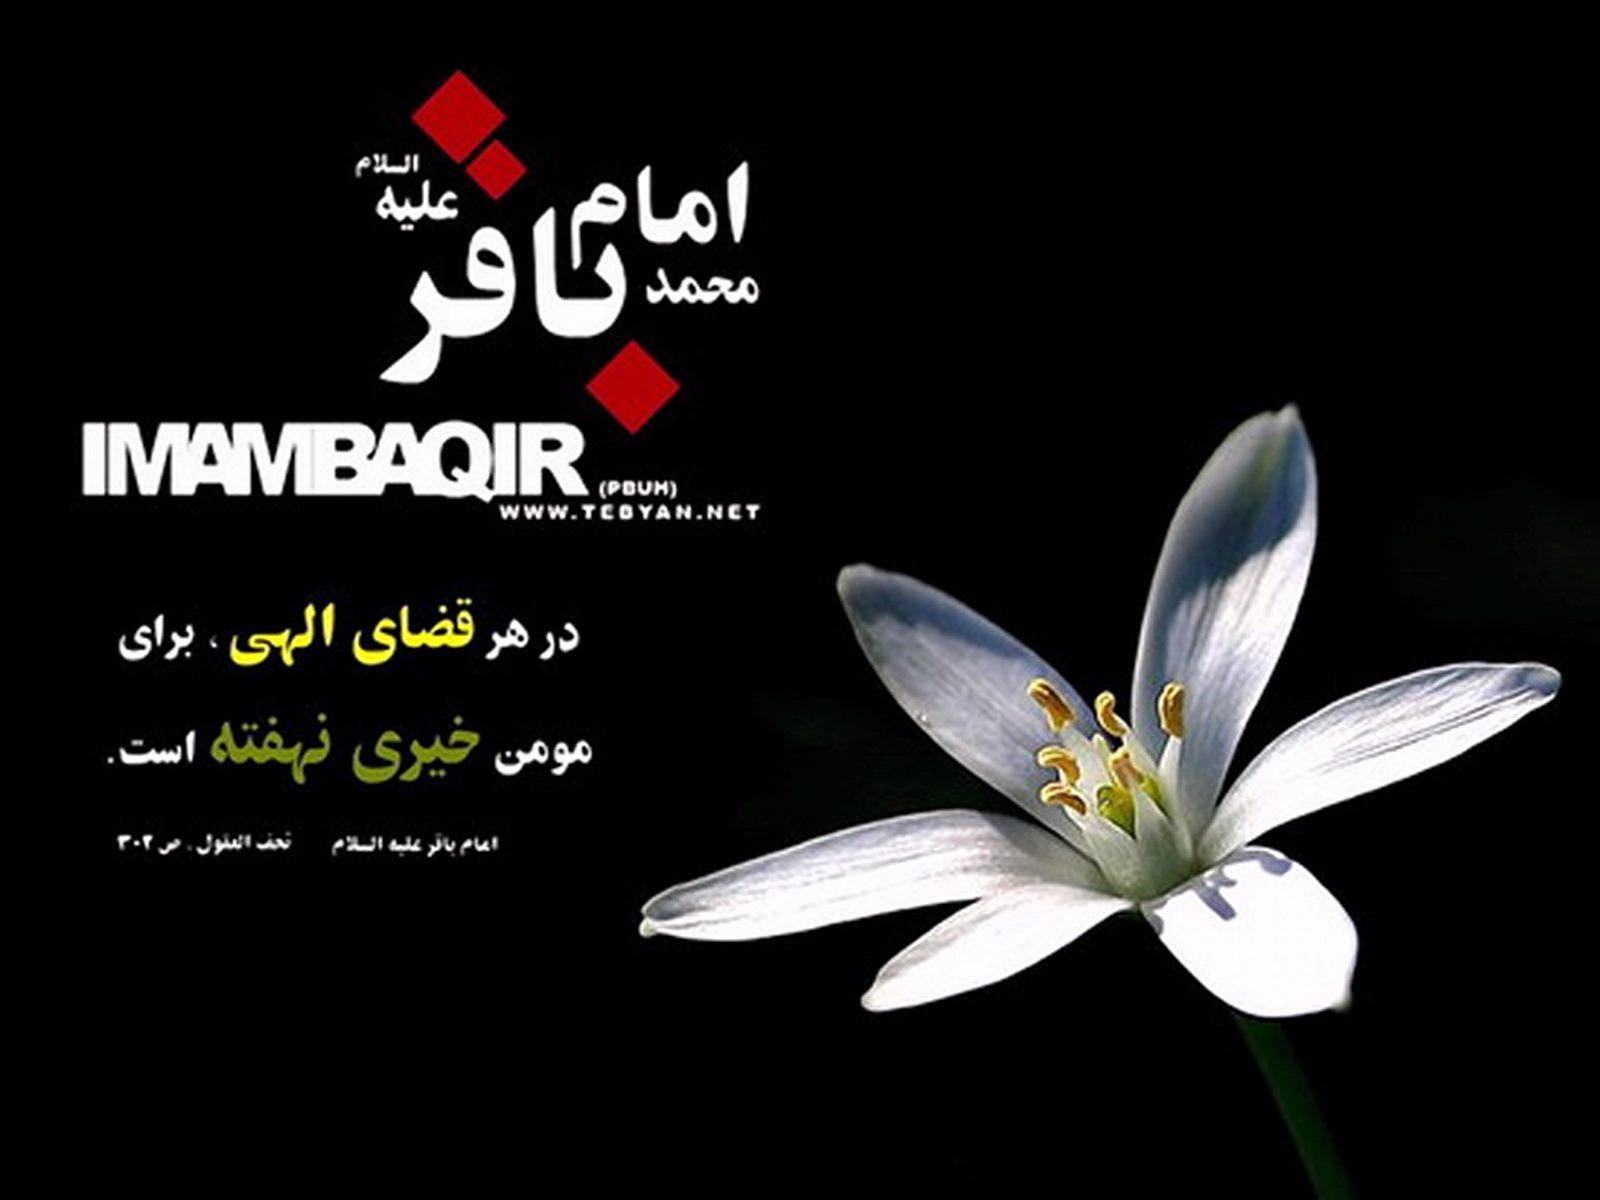 دانلود رایگان عکس شهادت امام باقر